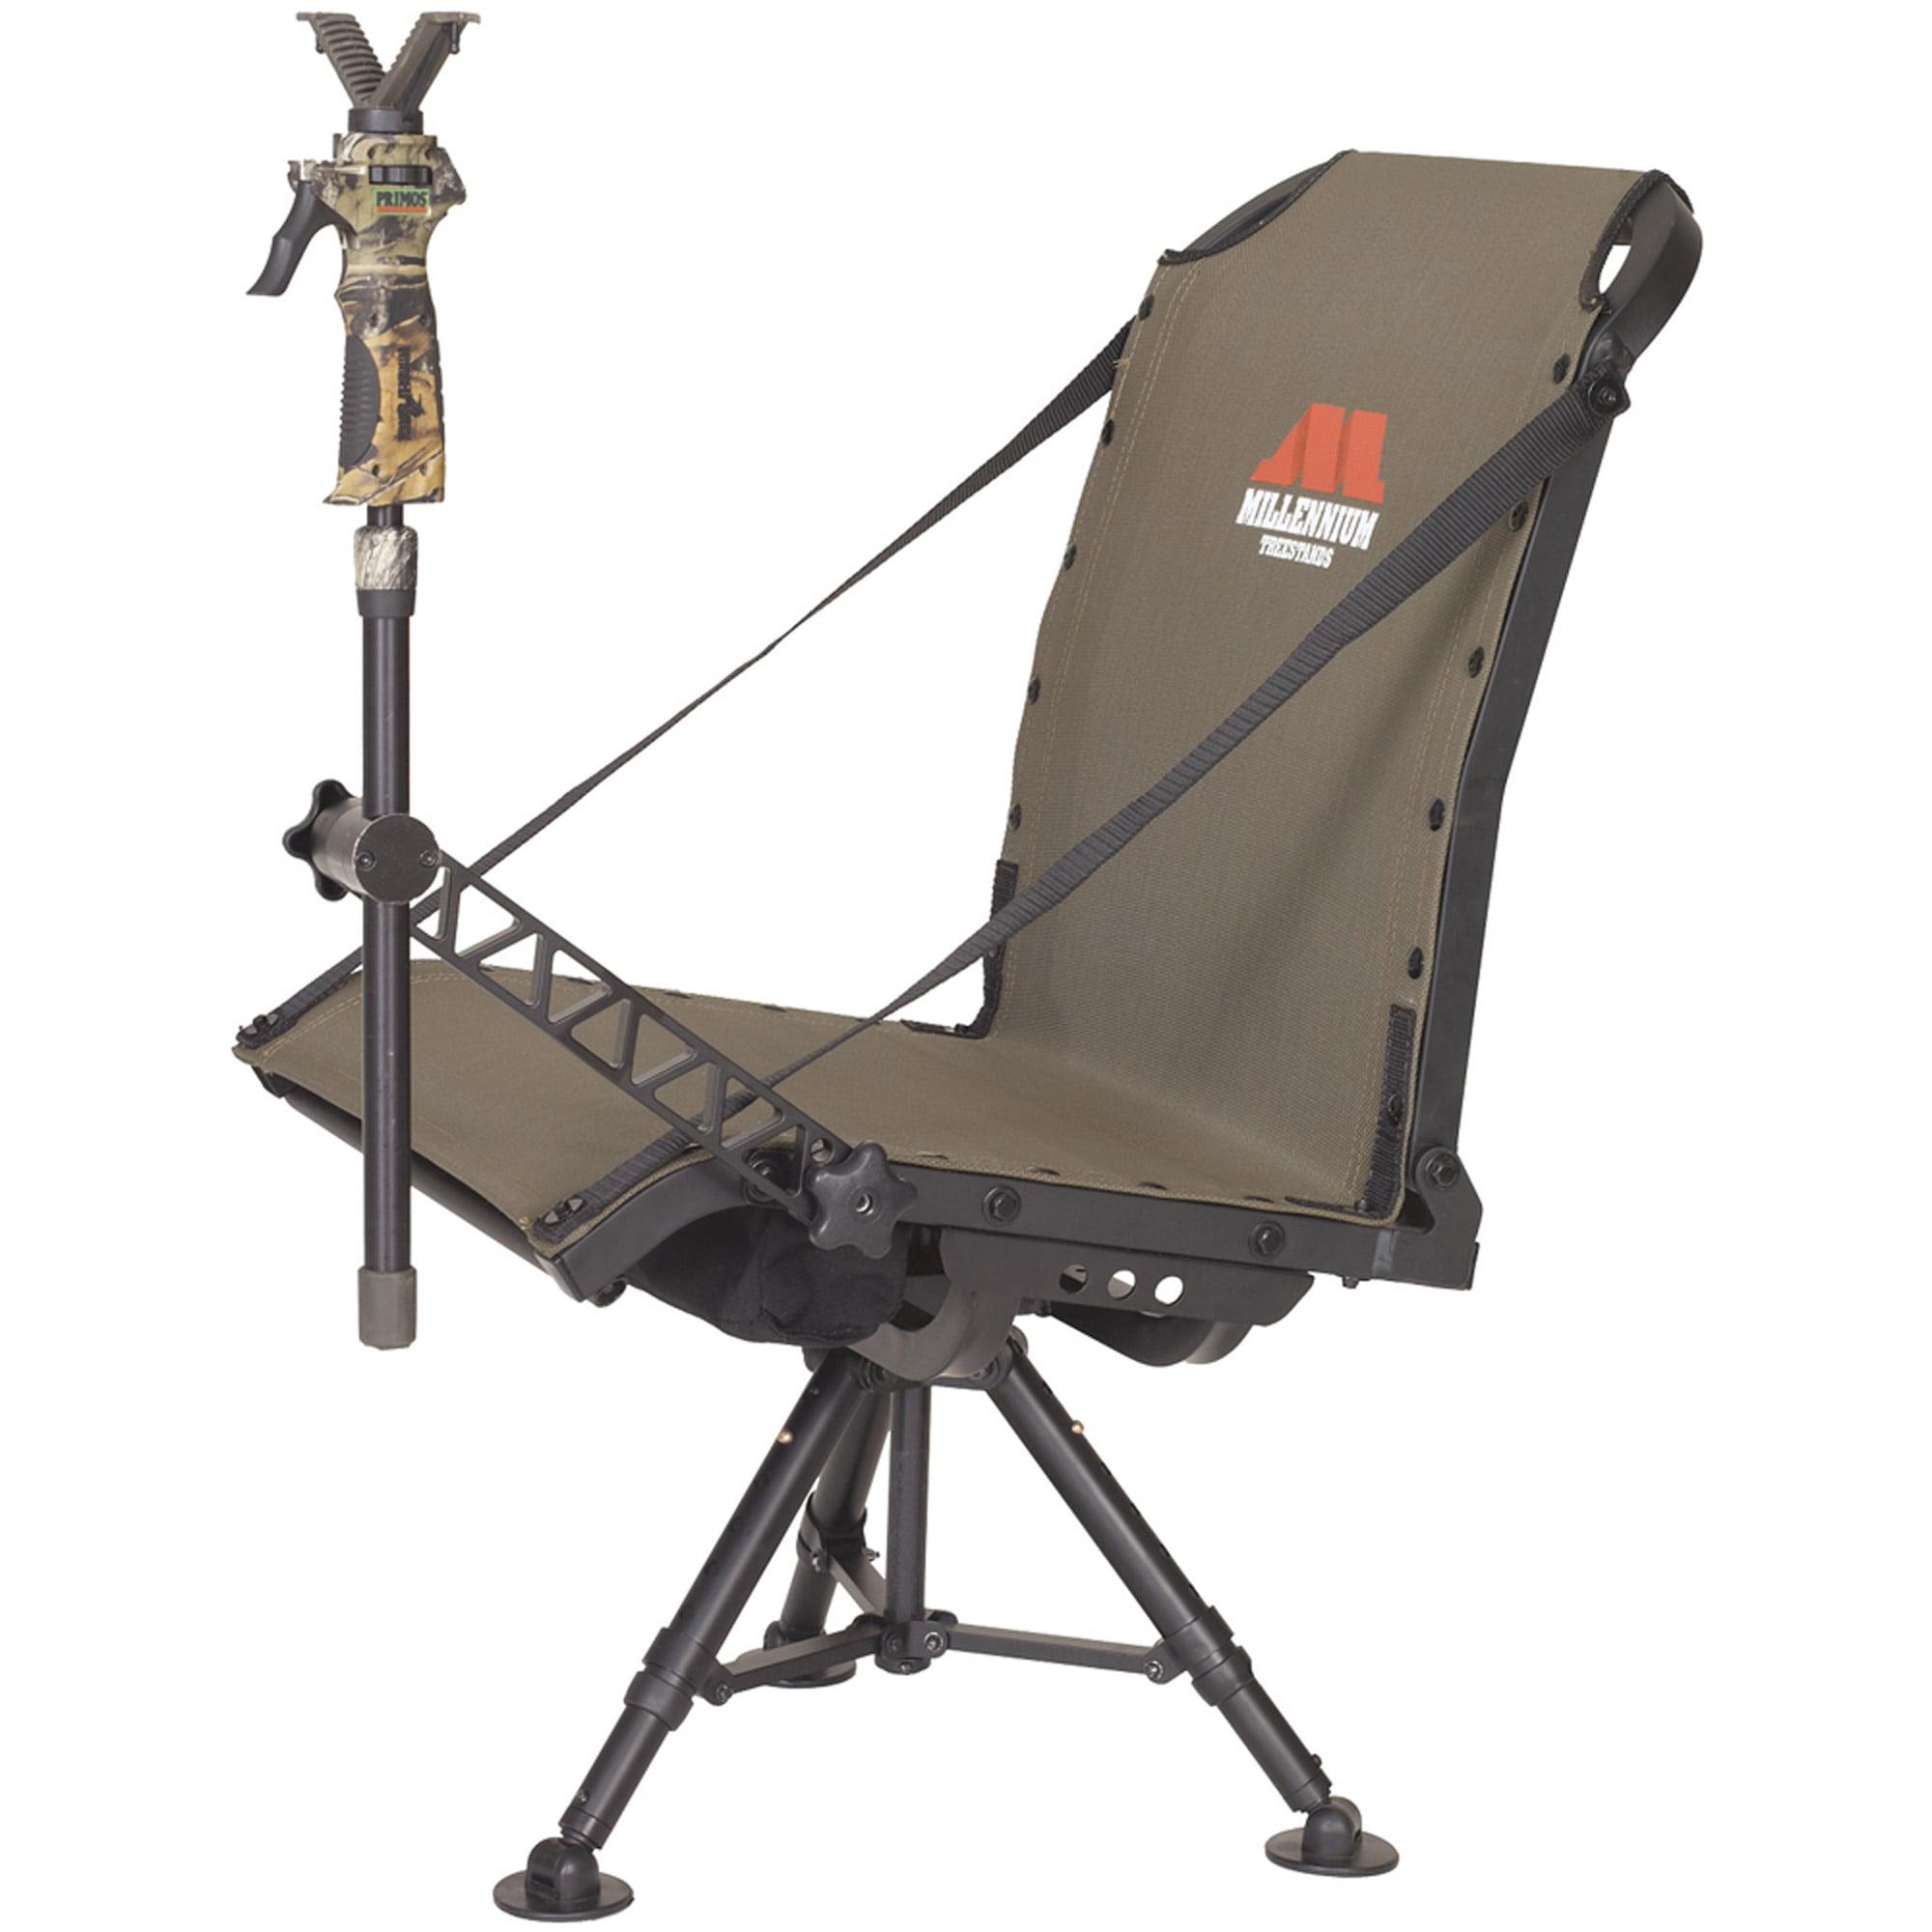 Millennium Blind Chair Shooting Mount Walmart Com